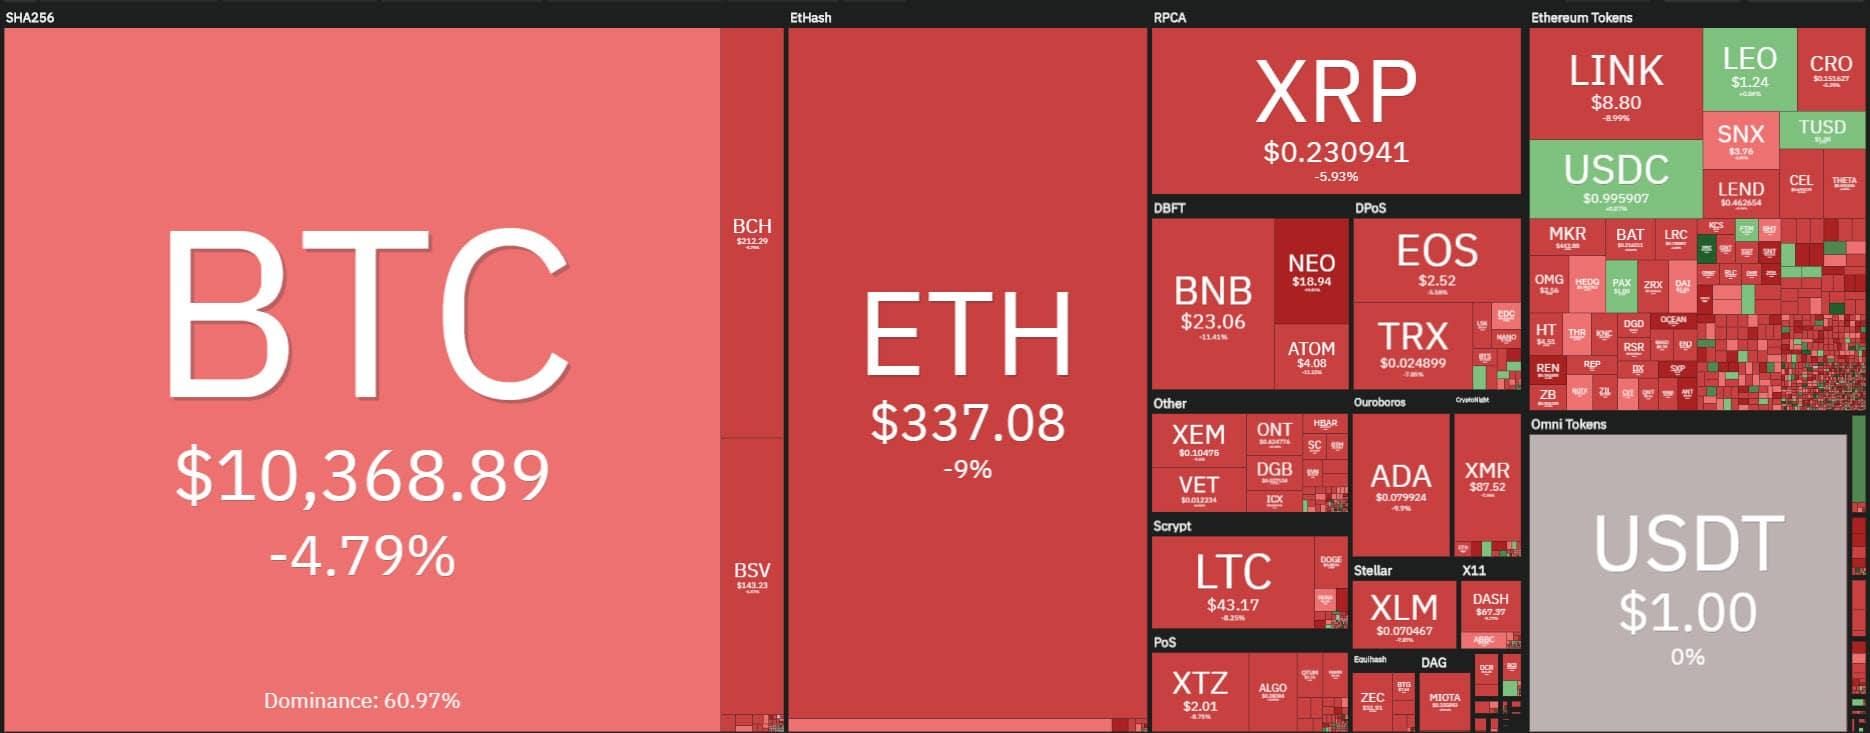 coin360 20200922